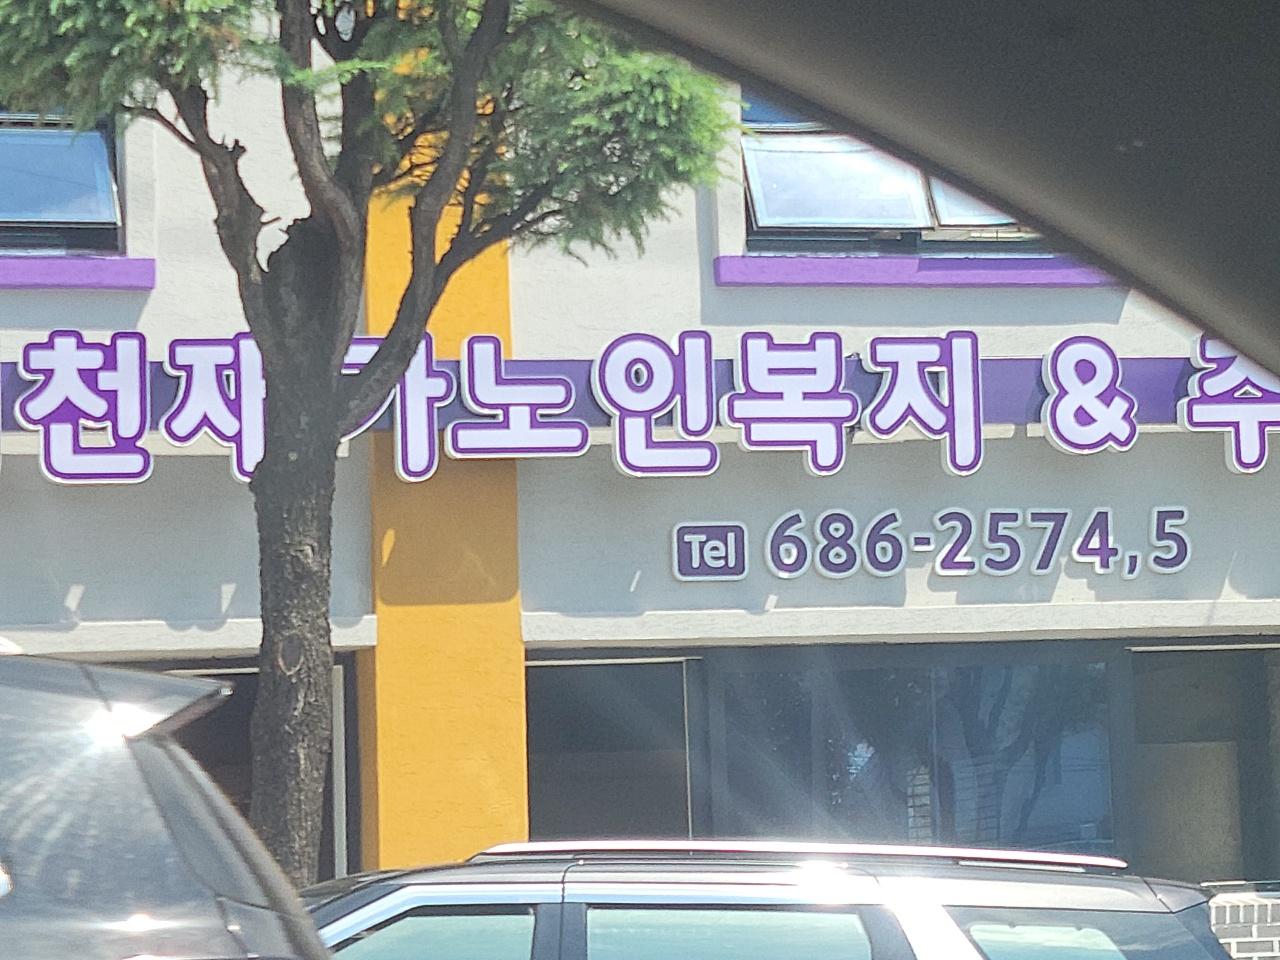 전남 여수시 불법 건축민원 강건너 불?... 주민들 '강력 단속' 촉구